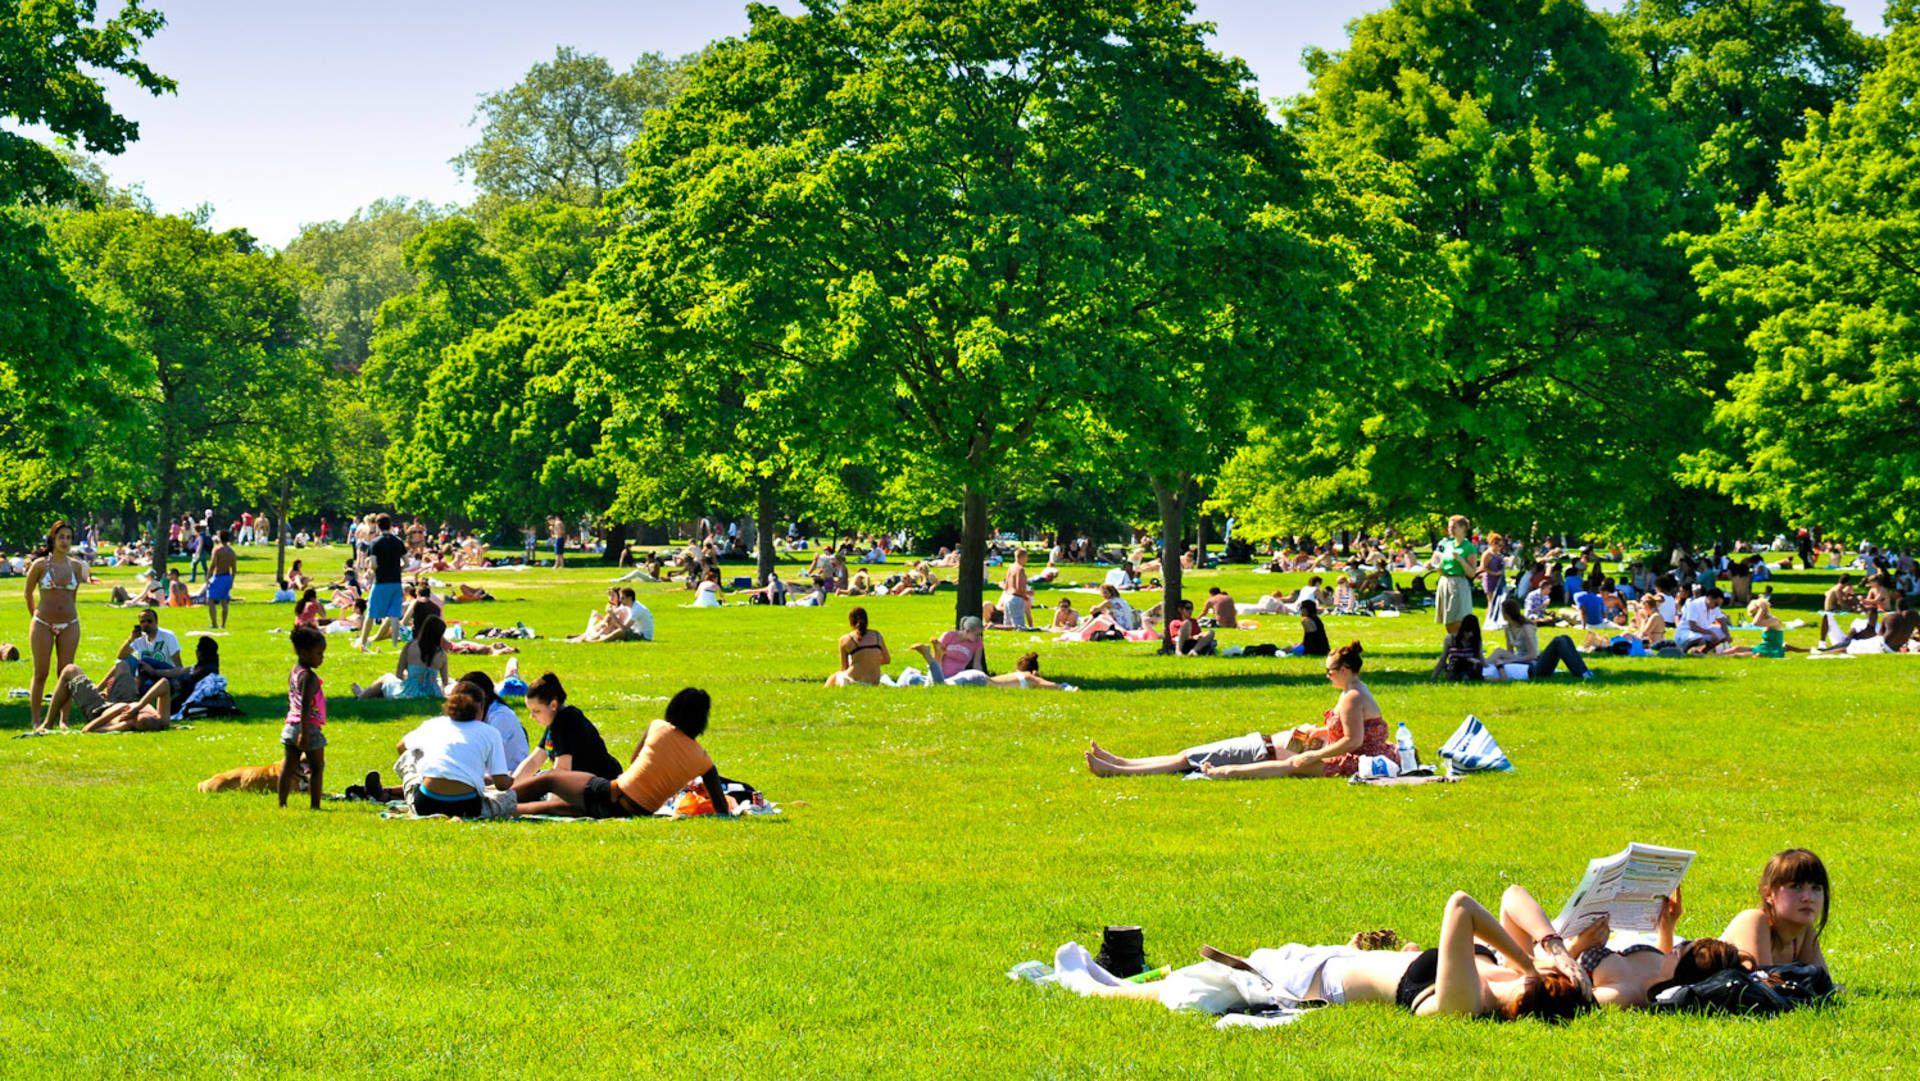 http://www.sonmoda.com/3434 • #GeziRehberi #Amsterdam #Avrupa #Berlin #Bisiklet #Kars #Kopenhag #Londra #Park #Rehberler #Saba #Stockholm